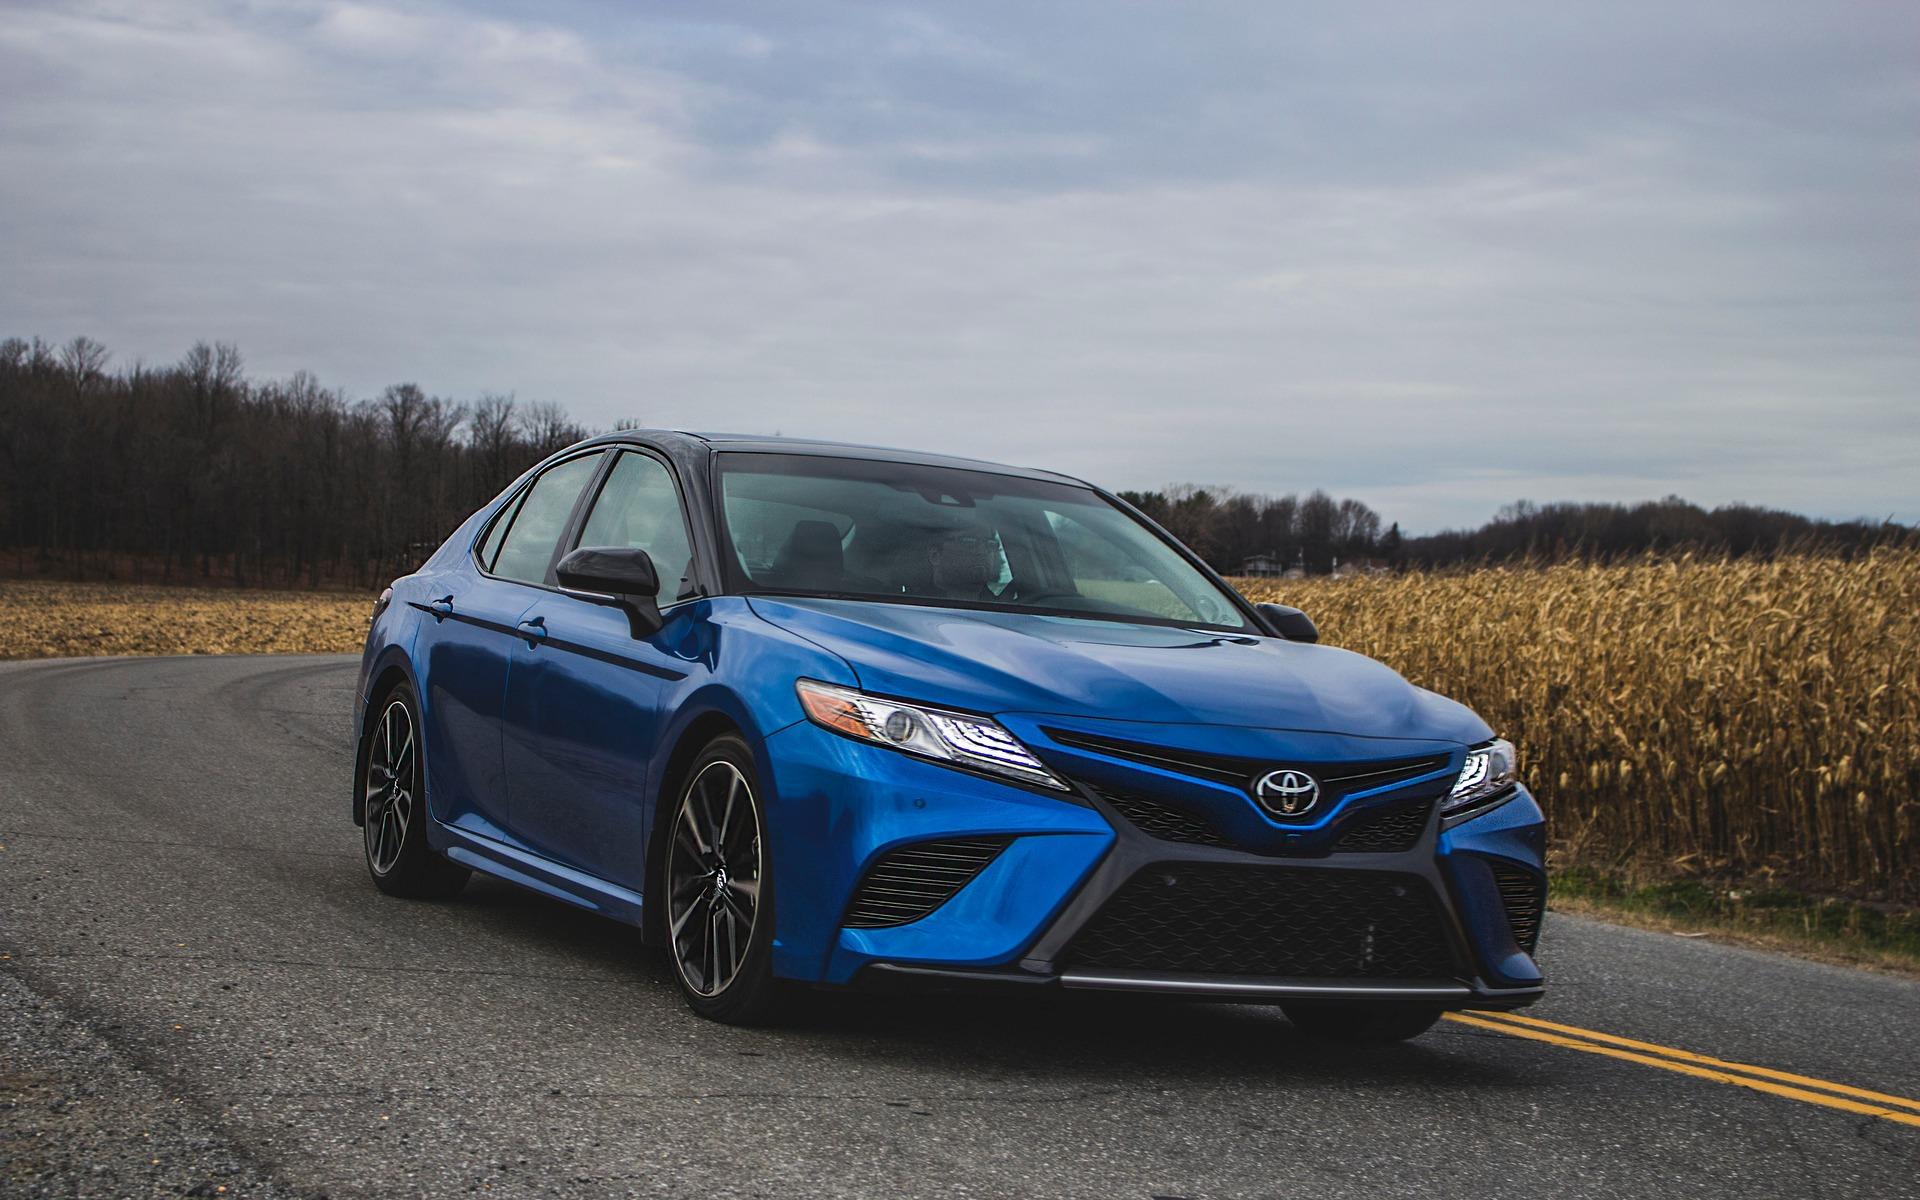 Photos Toyota Camry 2019 - 1/3 - Guide Auto